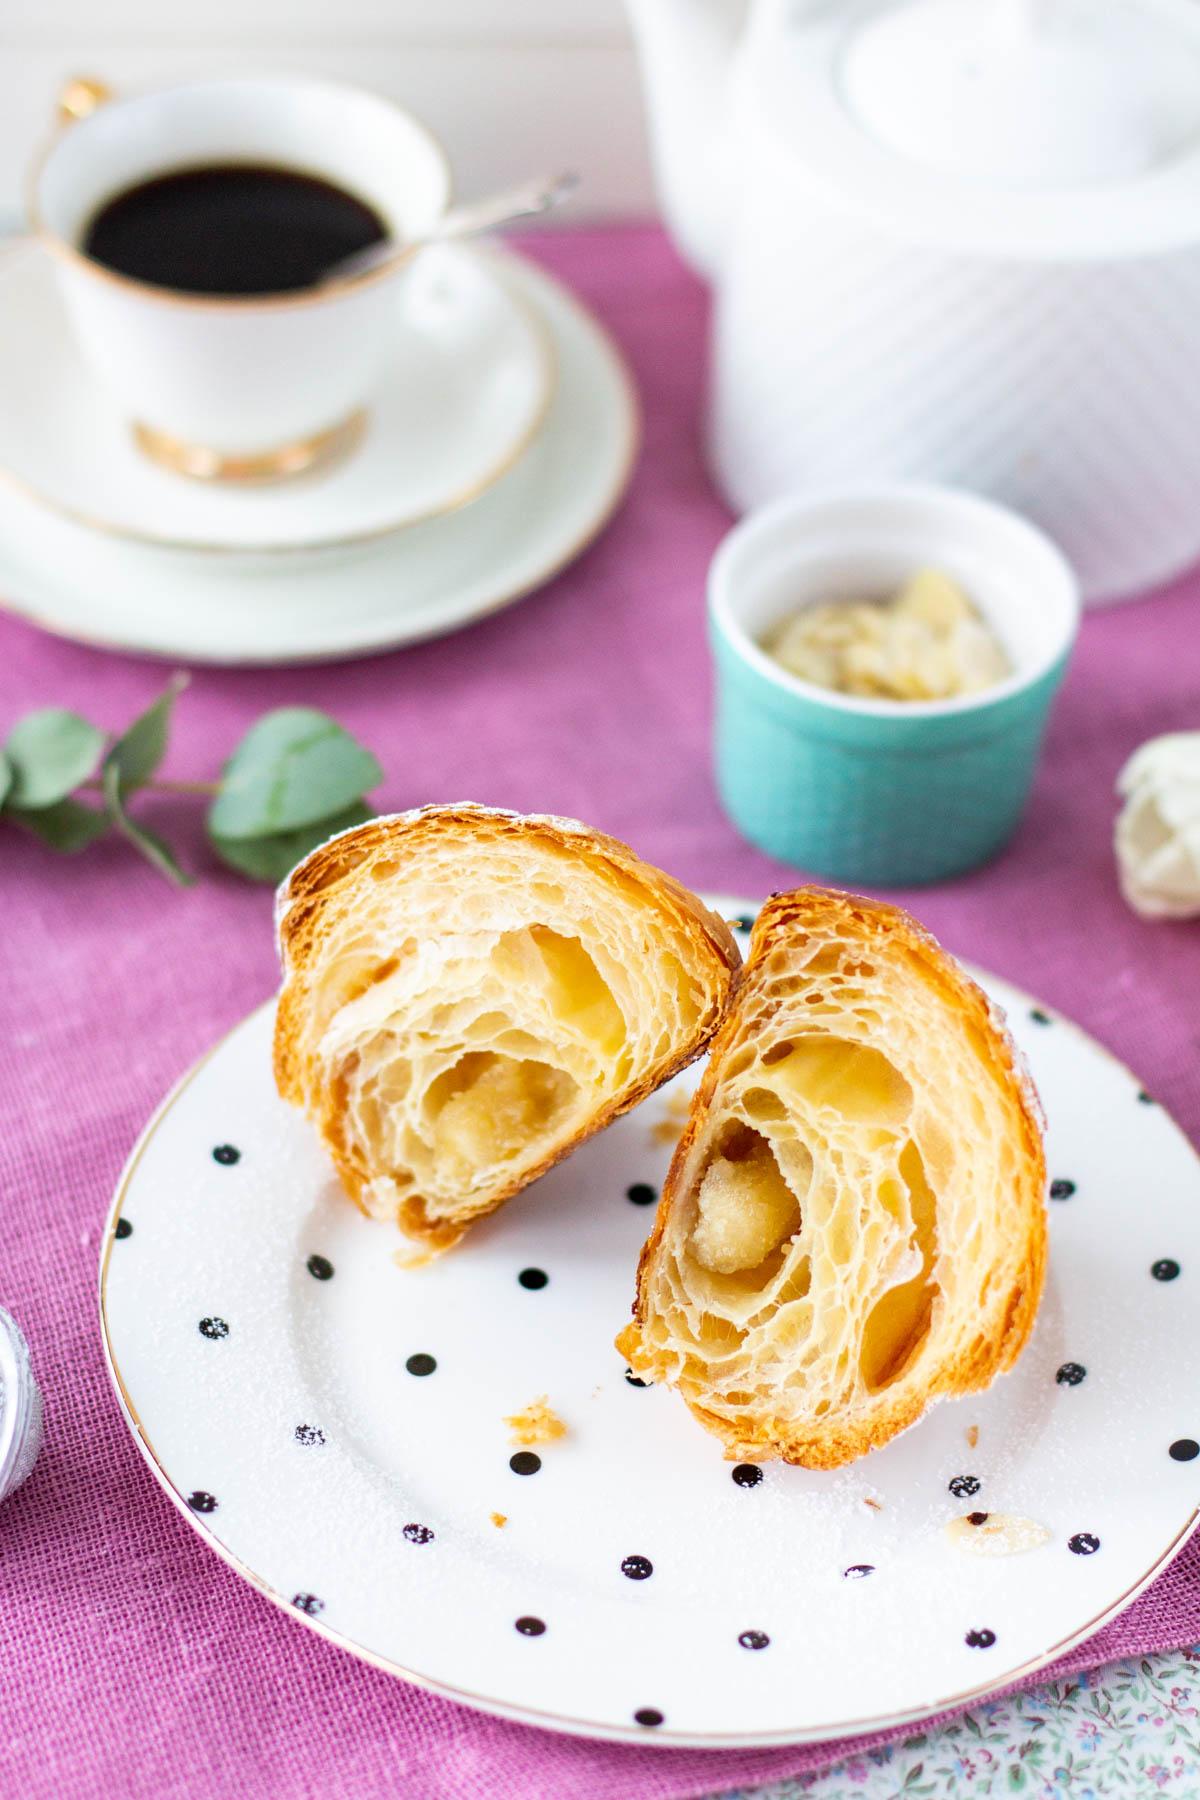 Croissantit sisältä